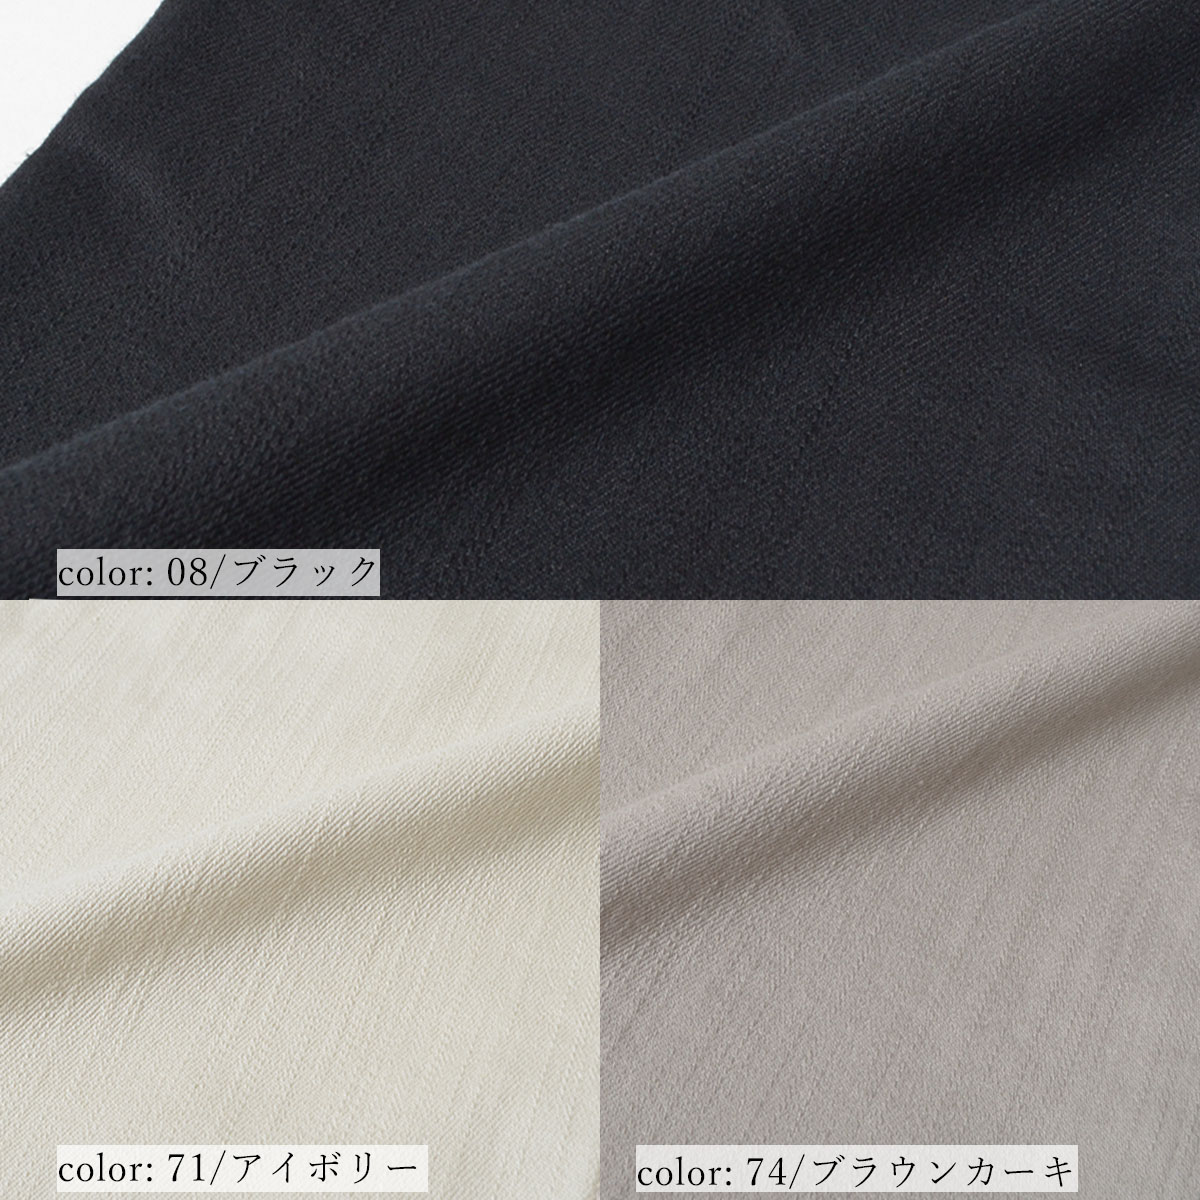 【SALE】■涼■サマーストレート MJ4682